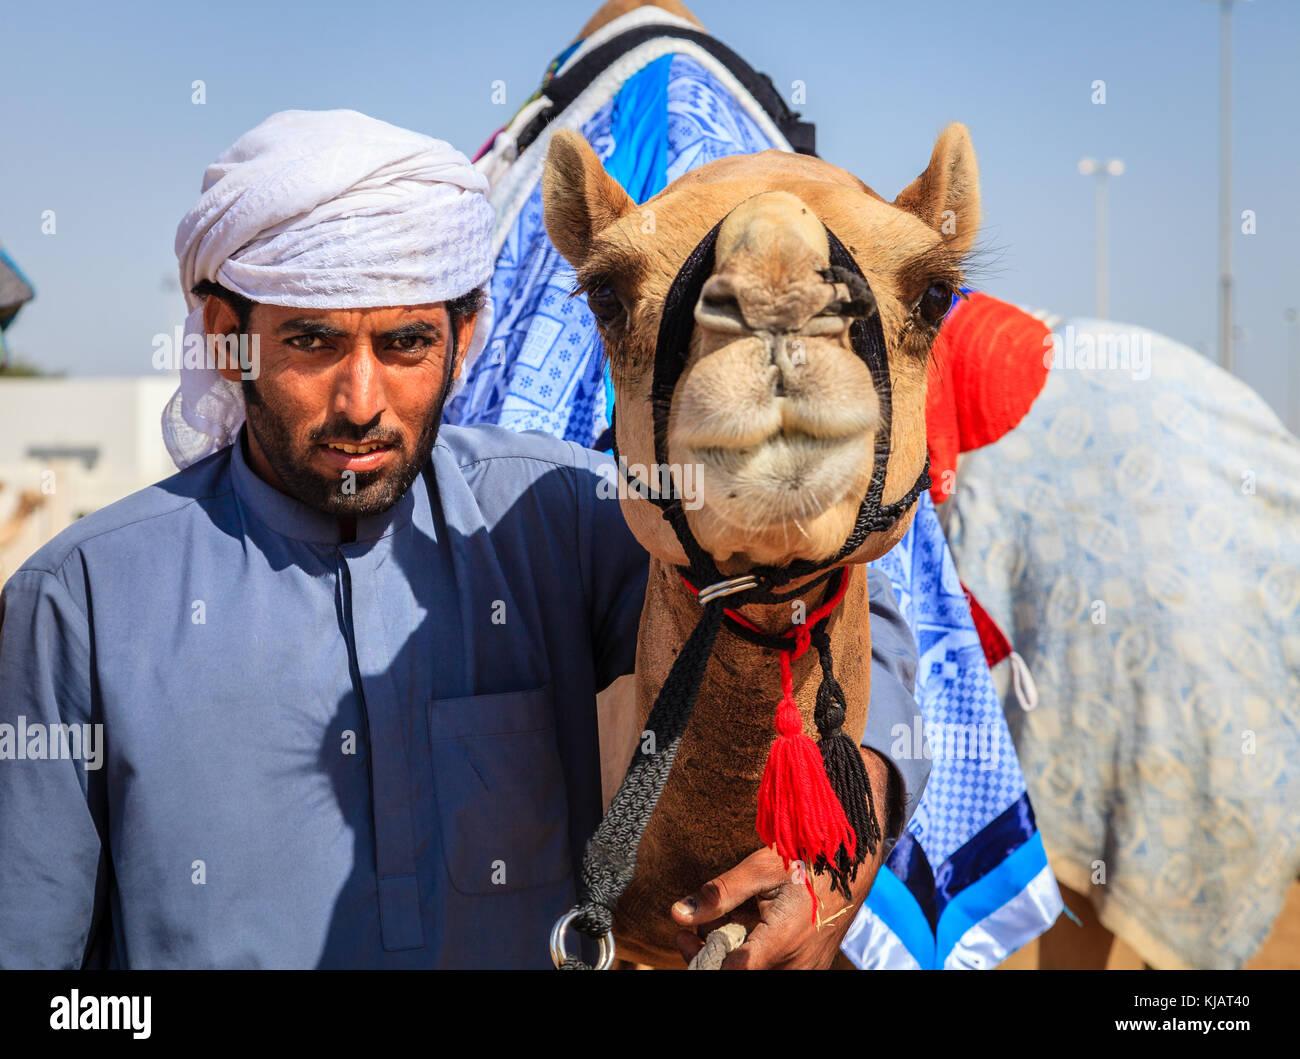 Dubai, Emiratos Árabes Unidos - marzo 25, 2016: controlador de camello con su animal en Dubai camel racing Imagen De Stock